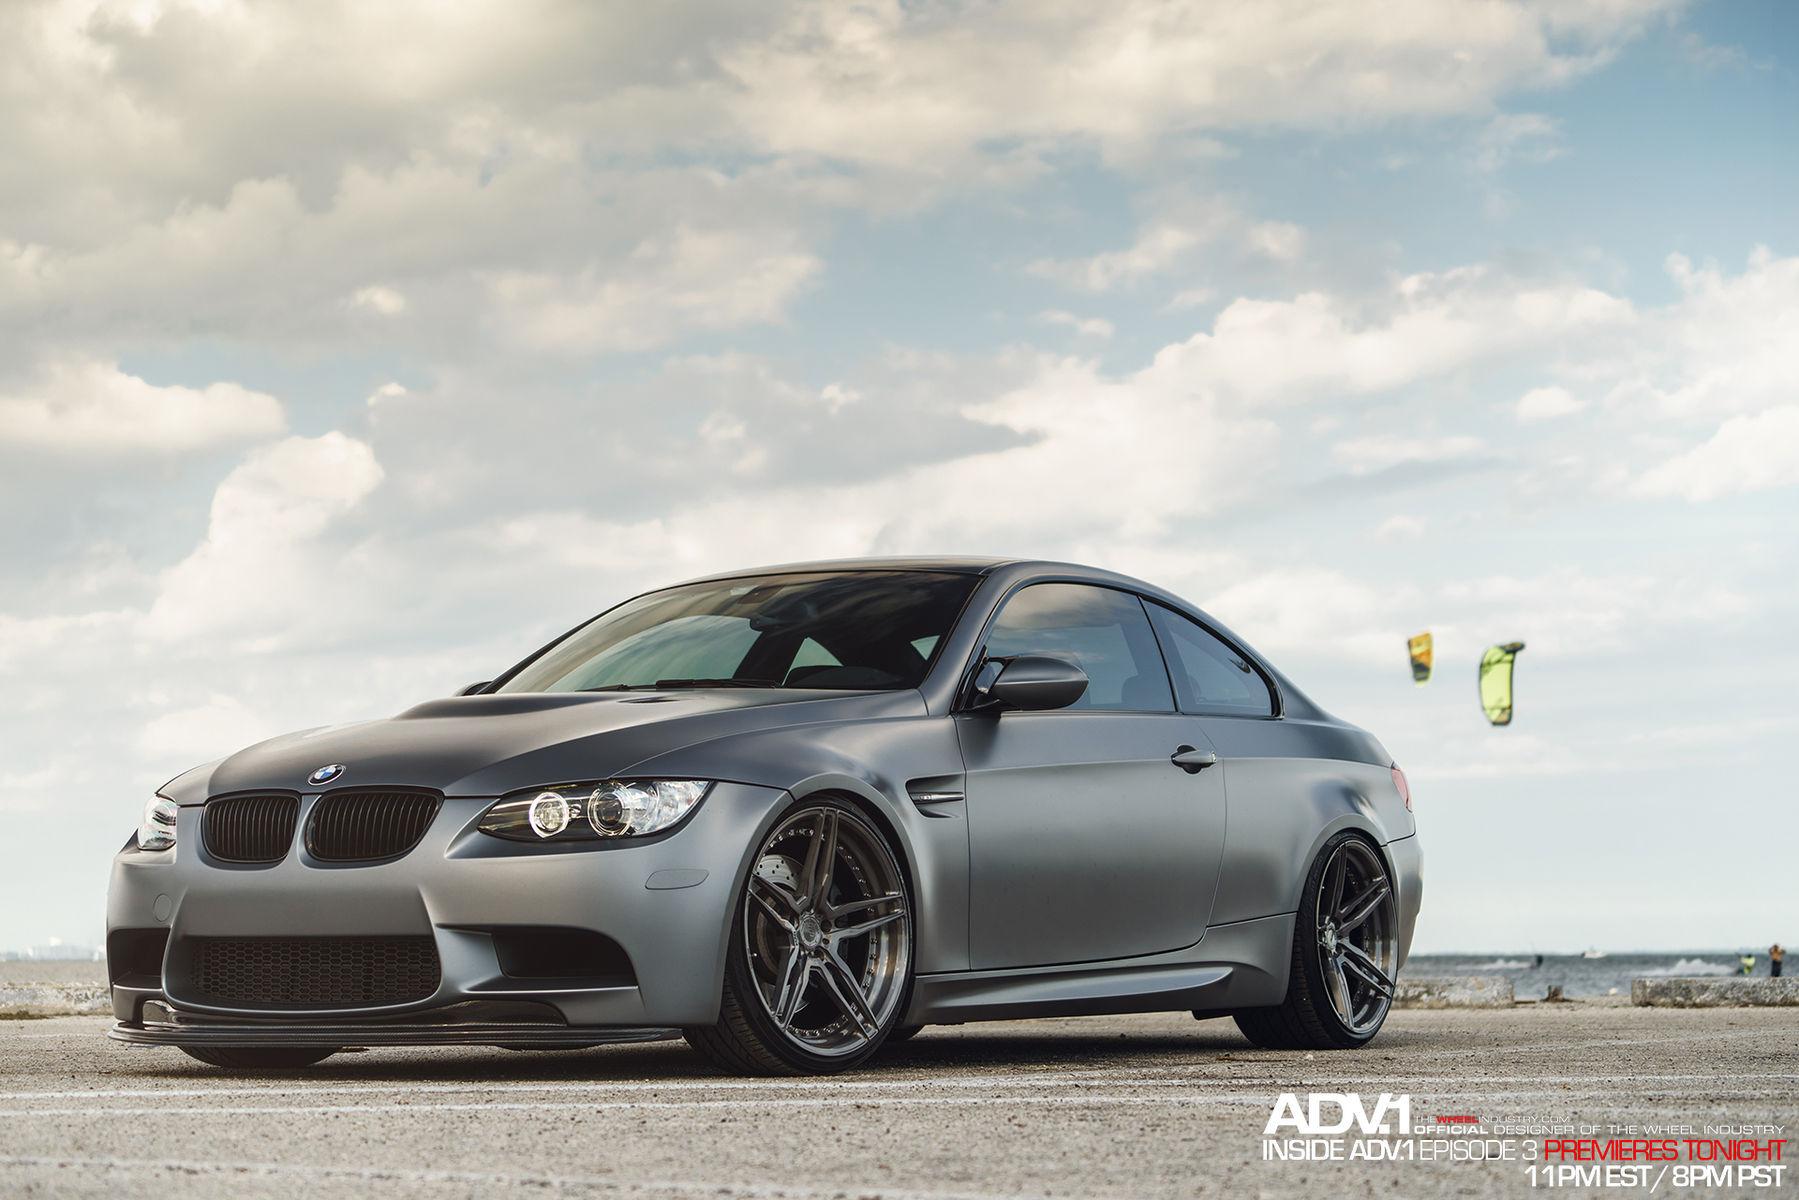 BMW M3 | Inside ADV.1 : BMW E92 M3